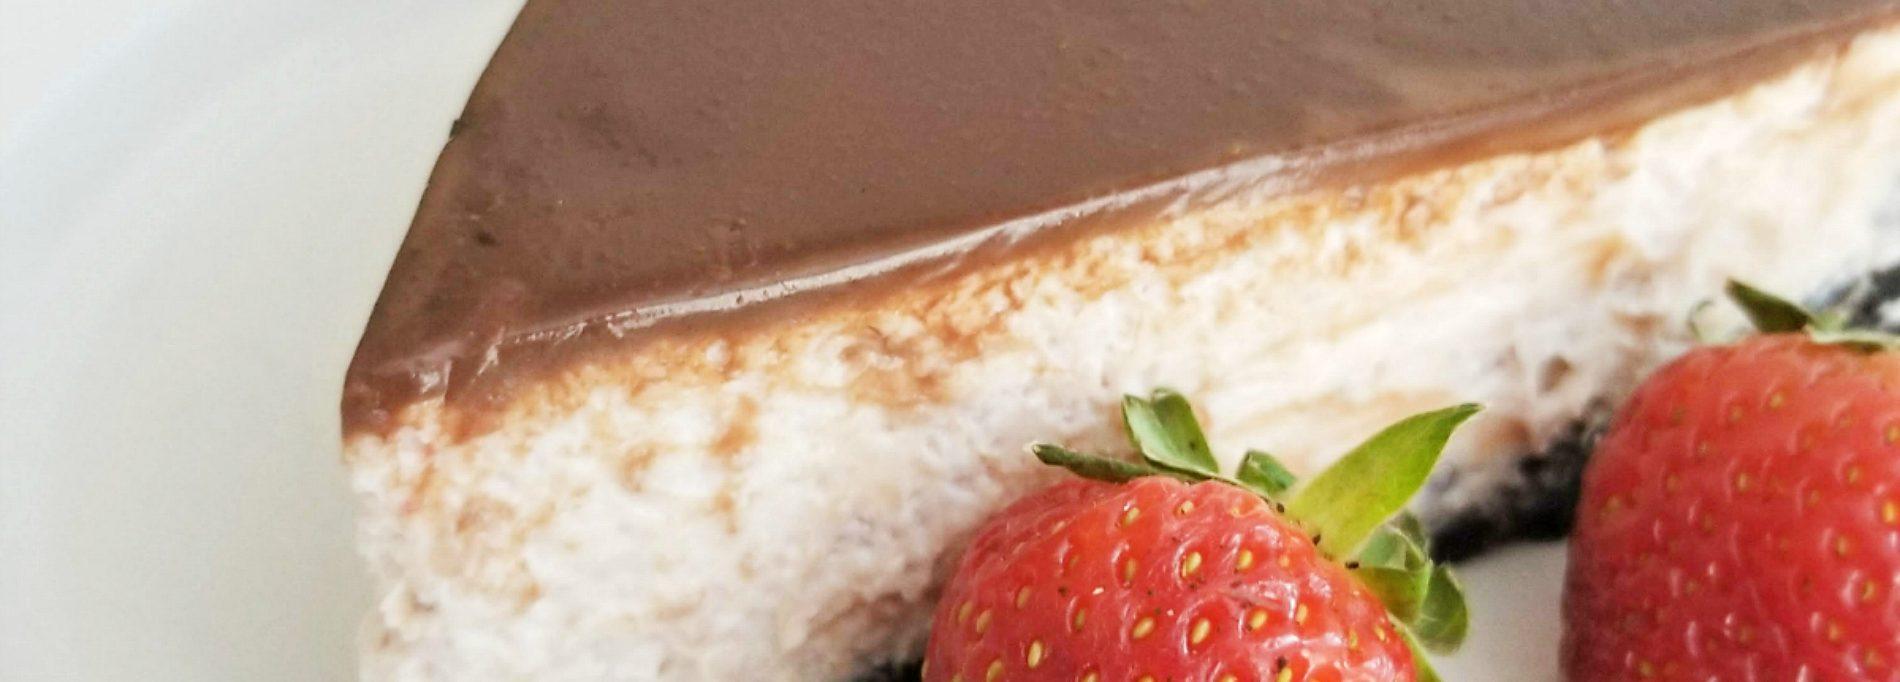 Chocolate Covered Strawberry Cheesecake